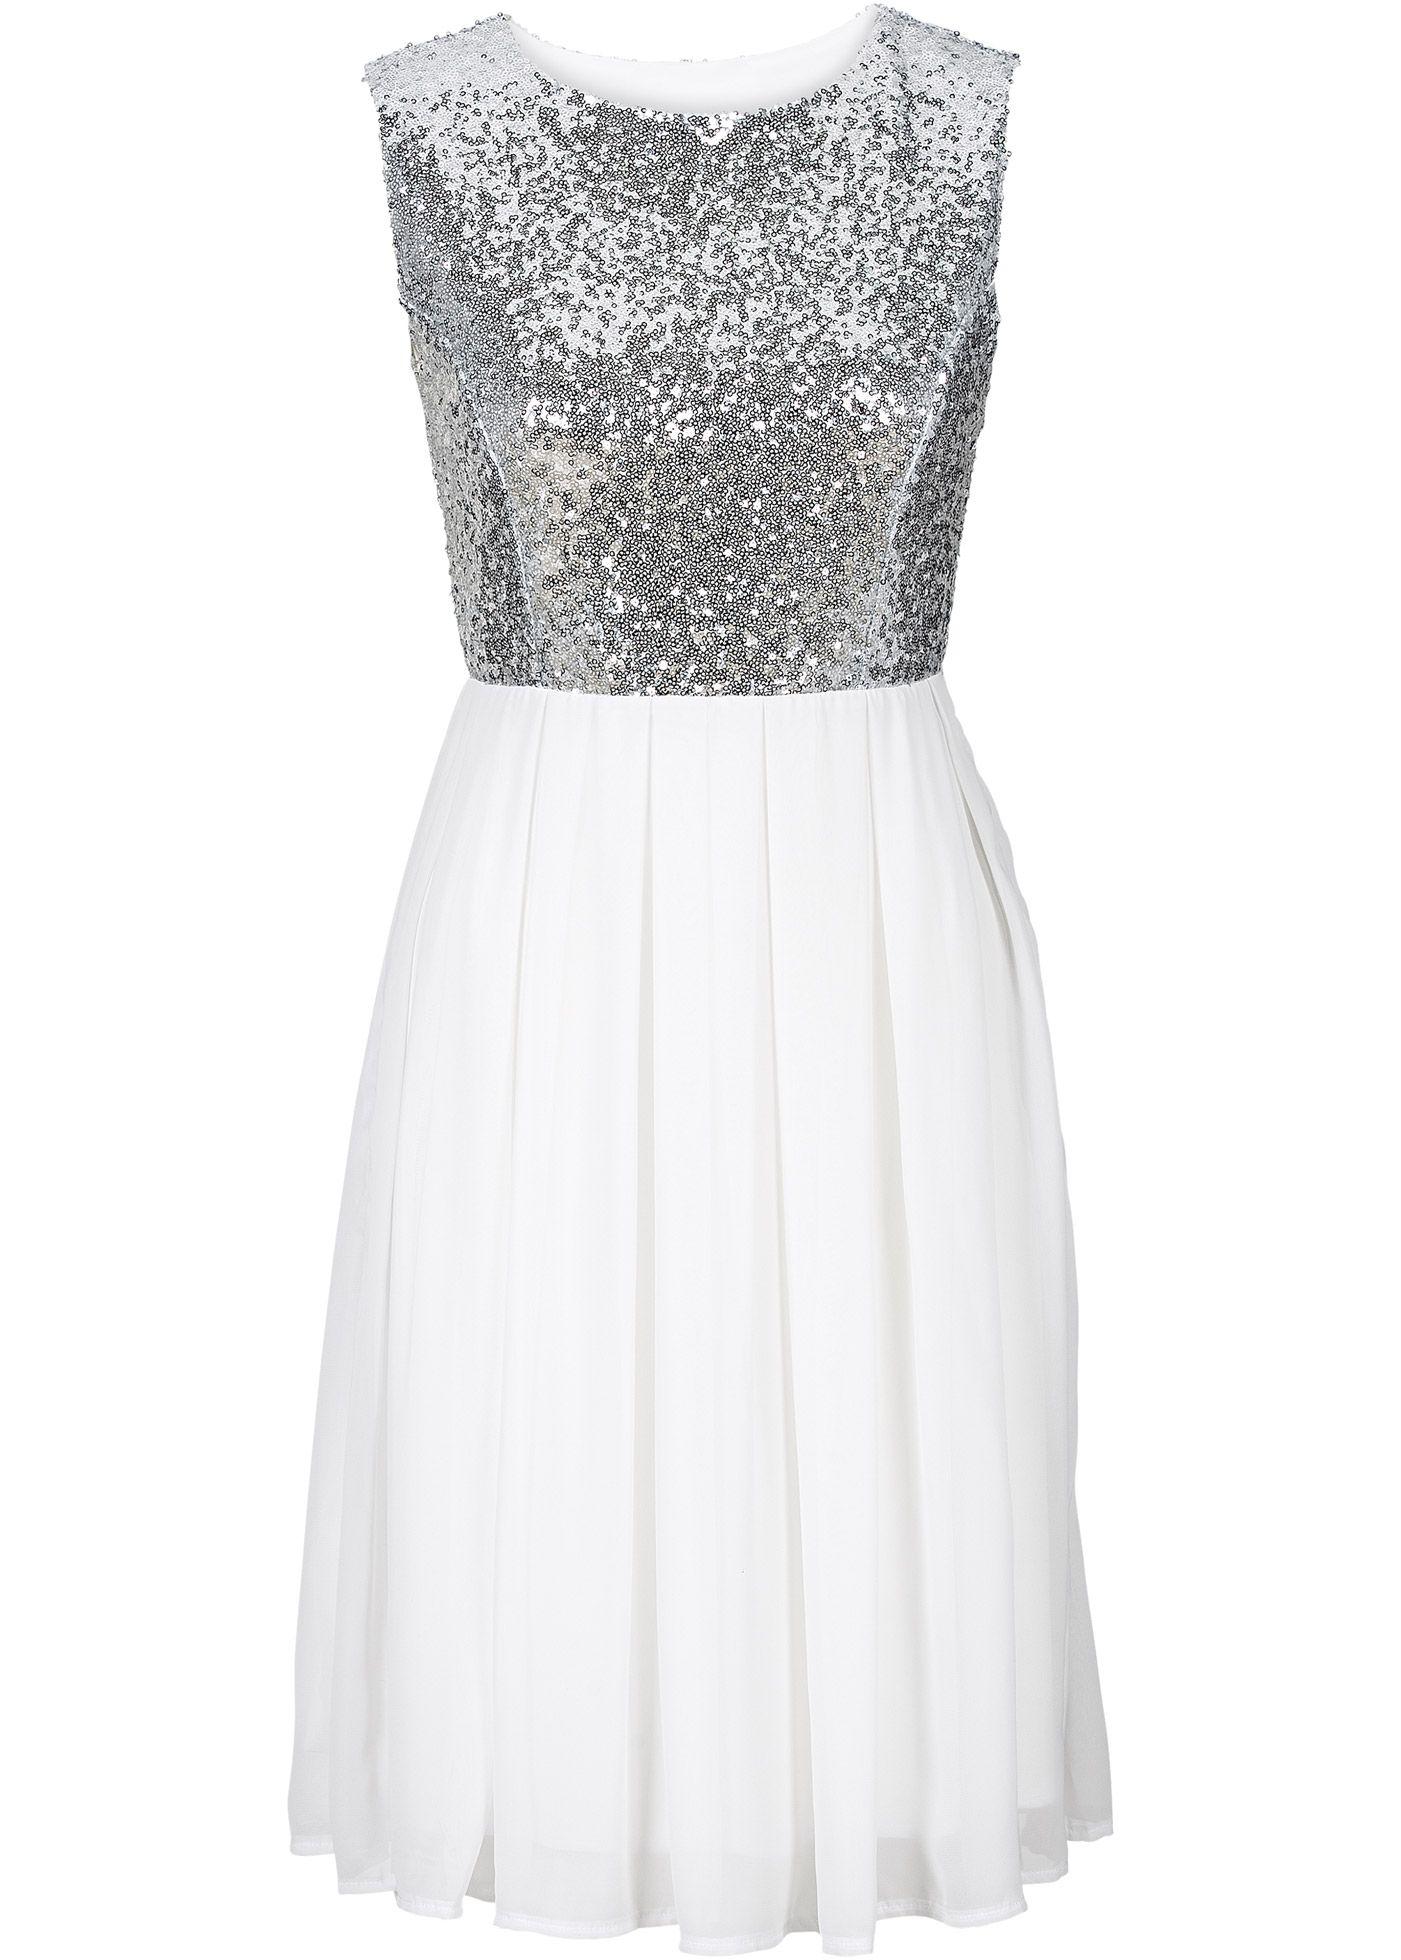 Kleid, BODYFLIRT, weiß/silber | Schön | Pinterest | Silber ...